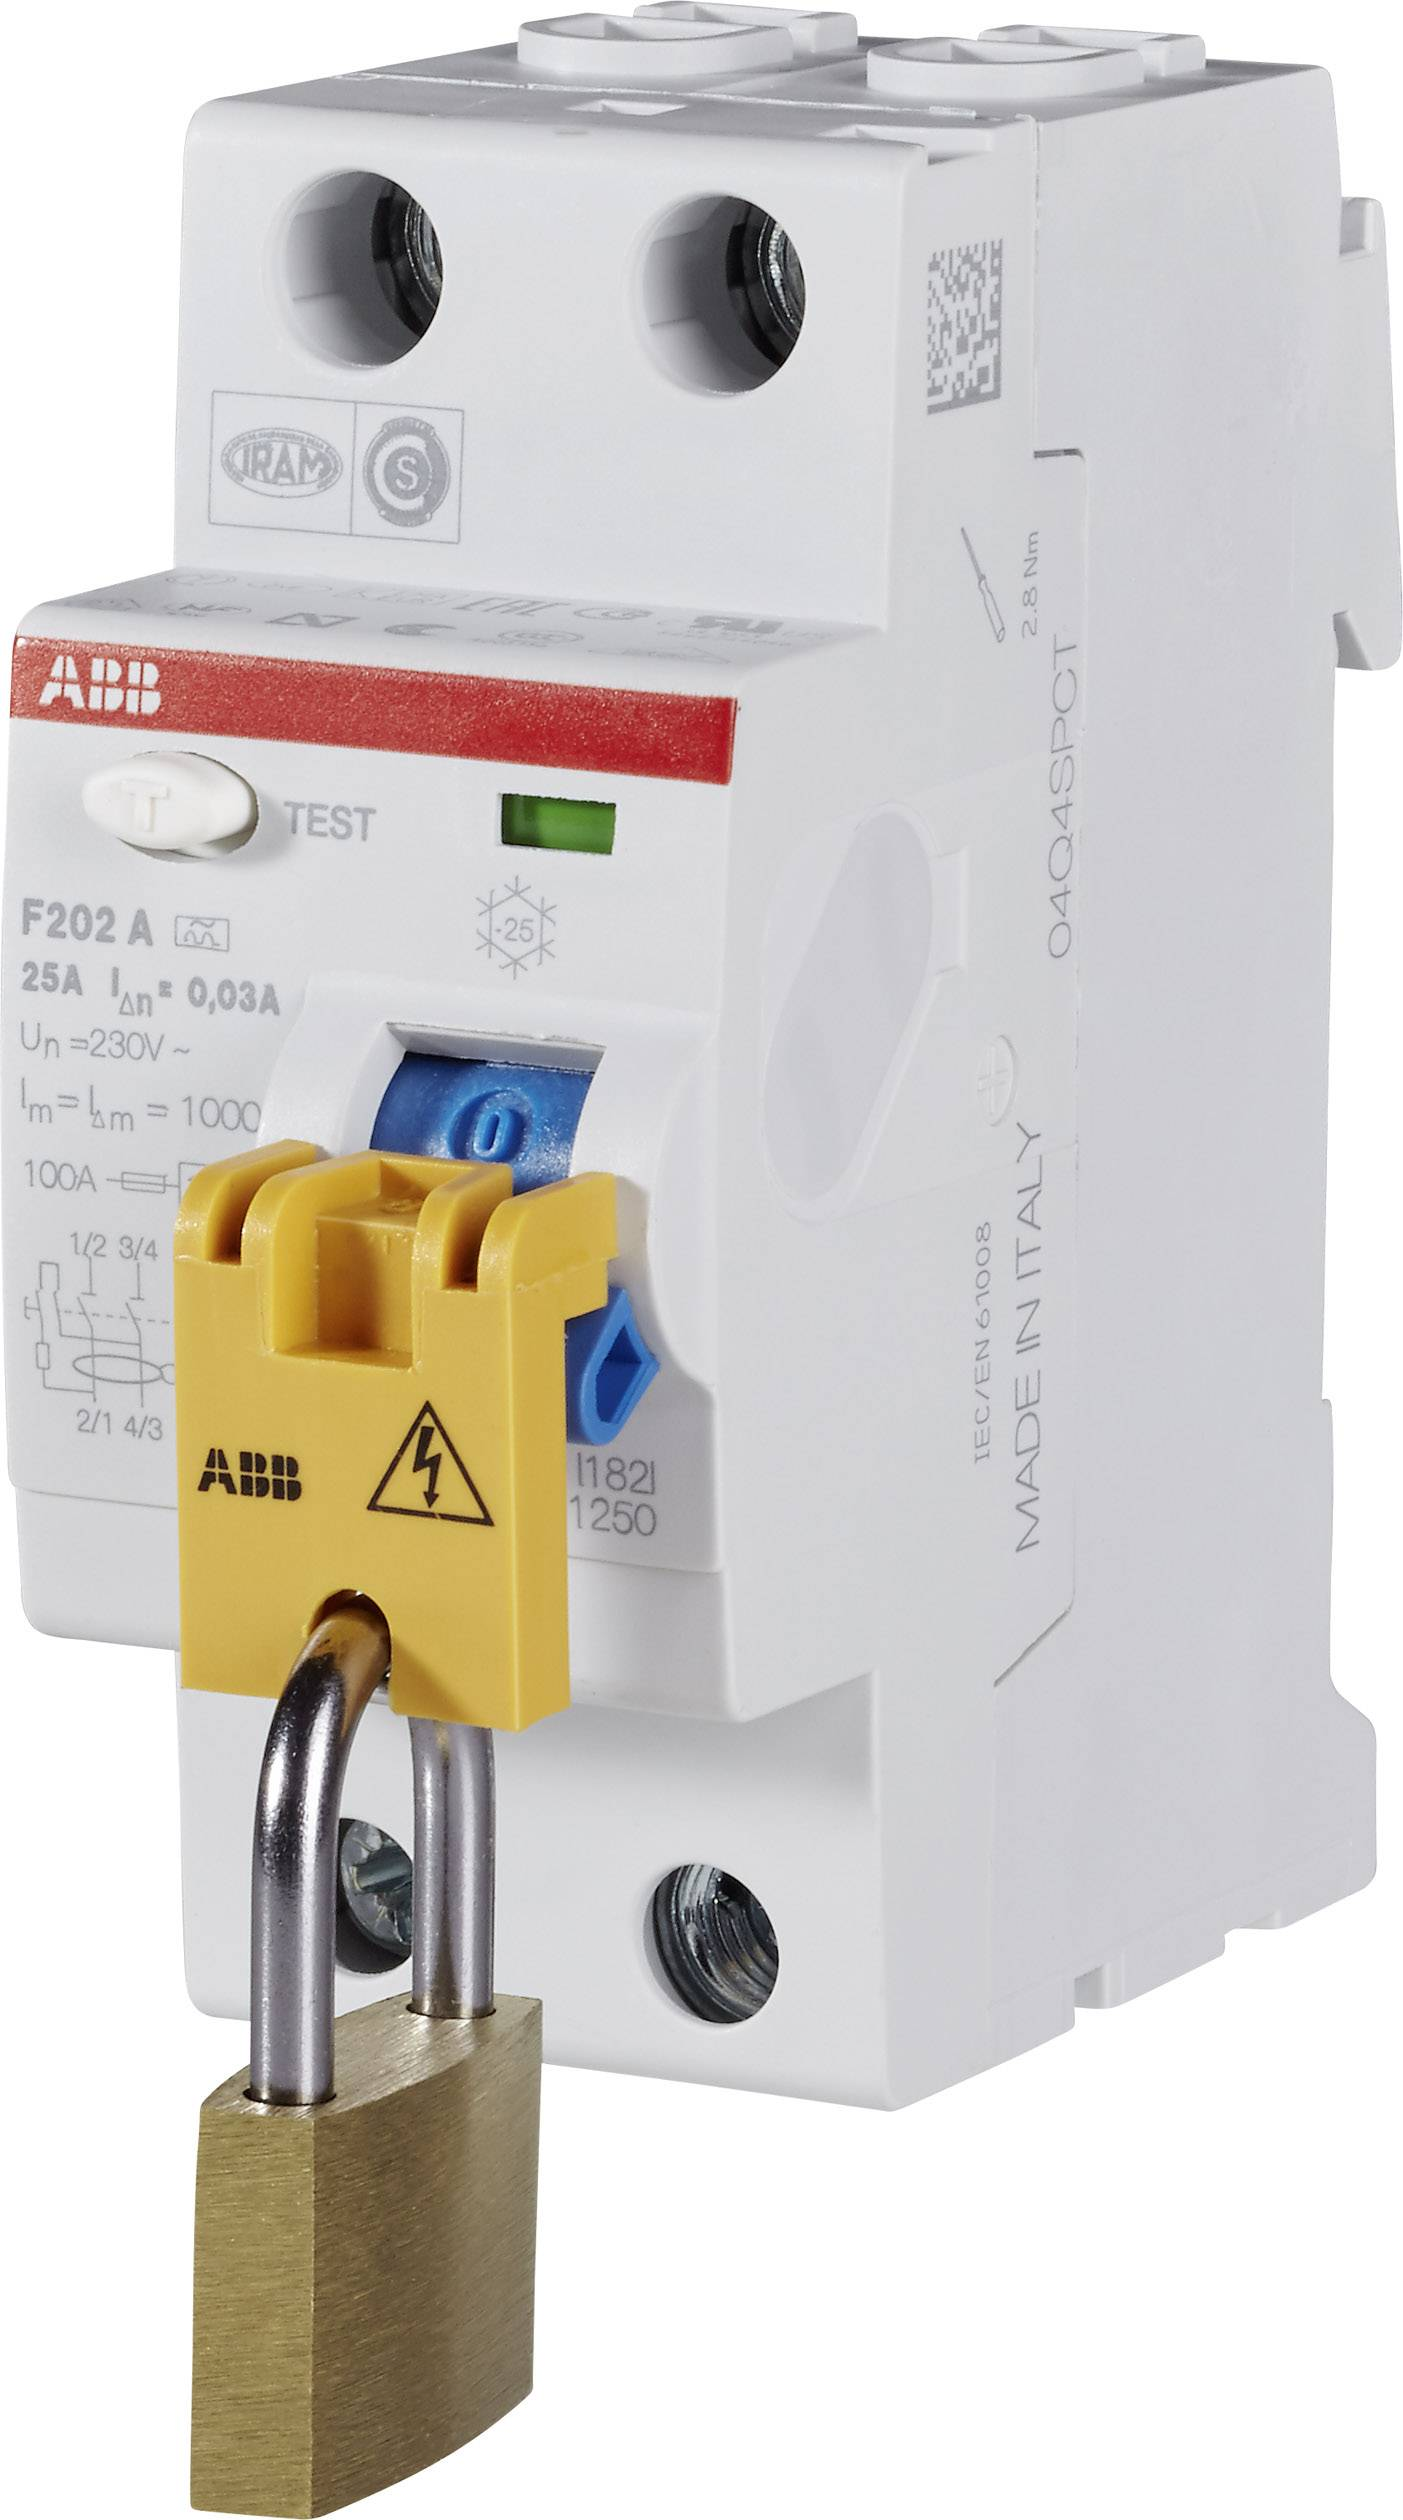 Ochranná víčka proti nebezpečnému dotyku, zamykací ABB